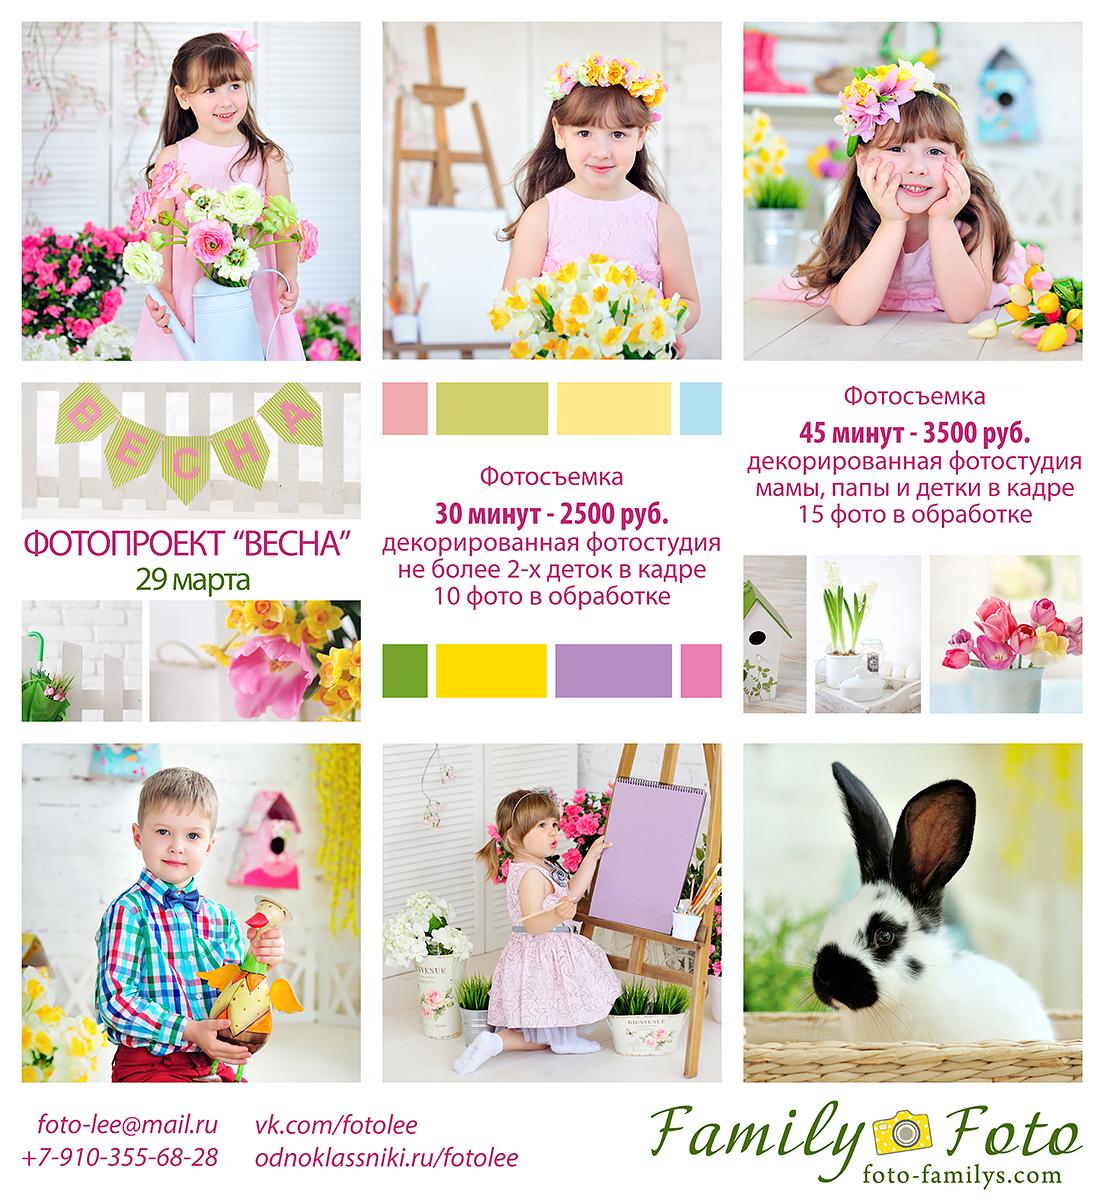 """Приглашаем деток и целые семьи на самый яркий, воздушный и ароматно цветущий фотопроект """"ВЕСНА"""""""